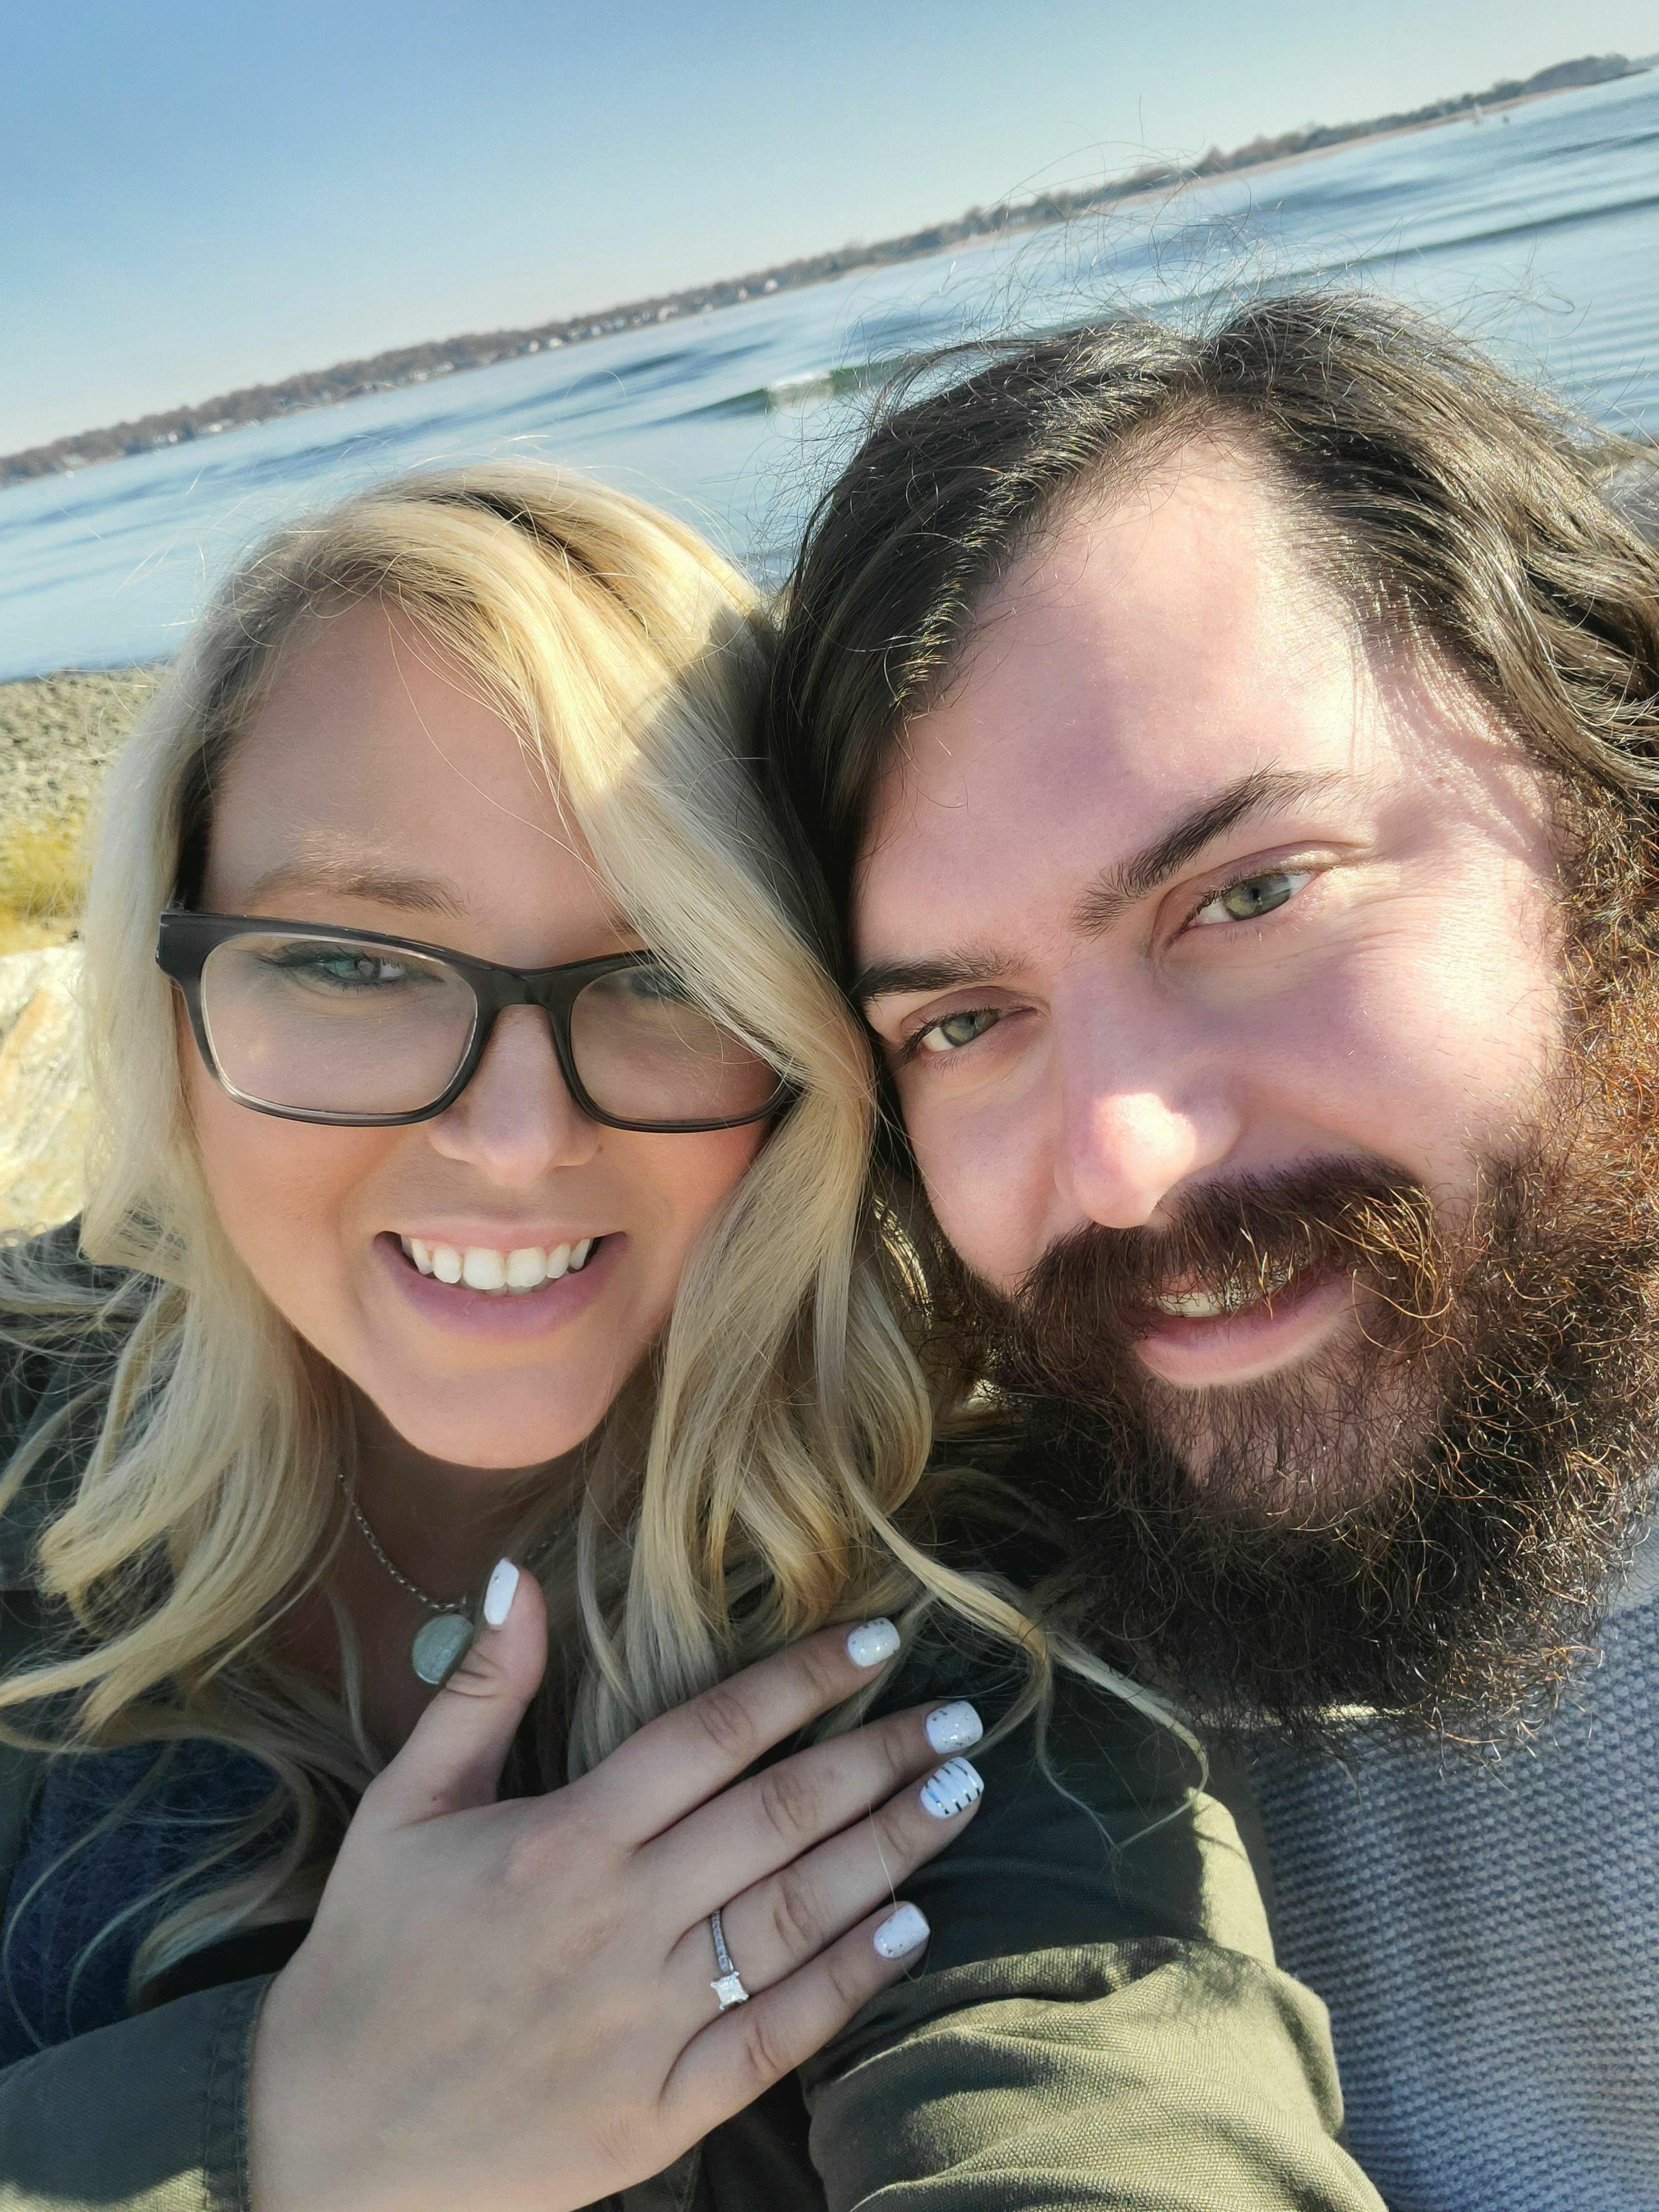 Image 1 of Amanda and Matt